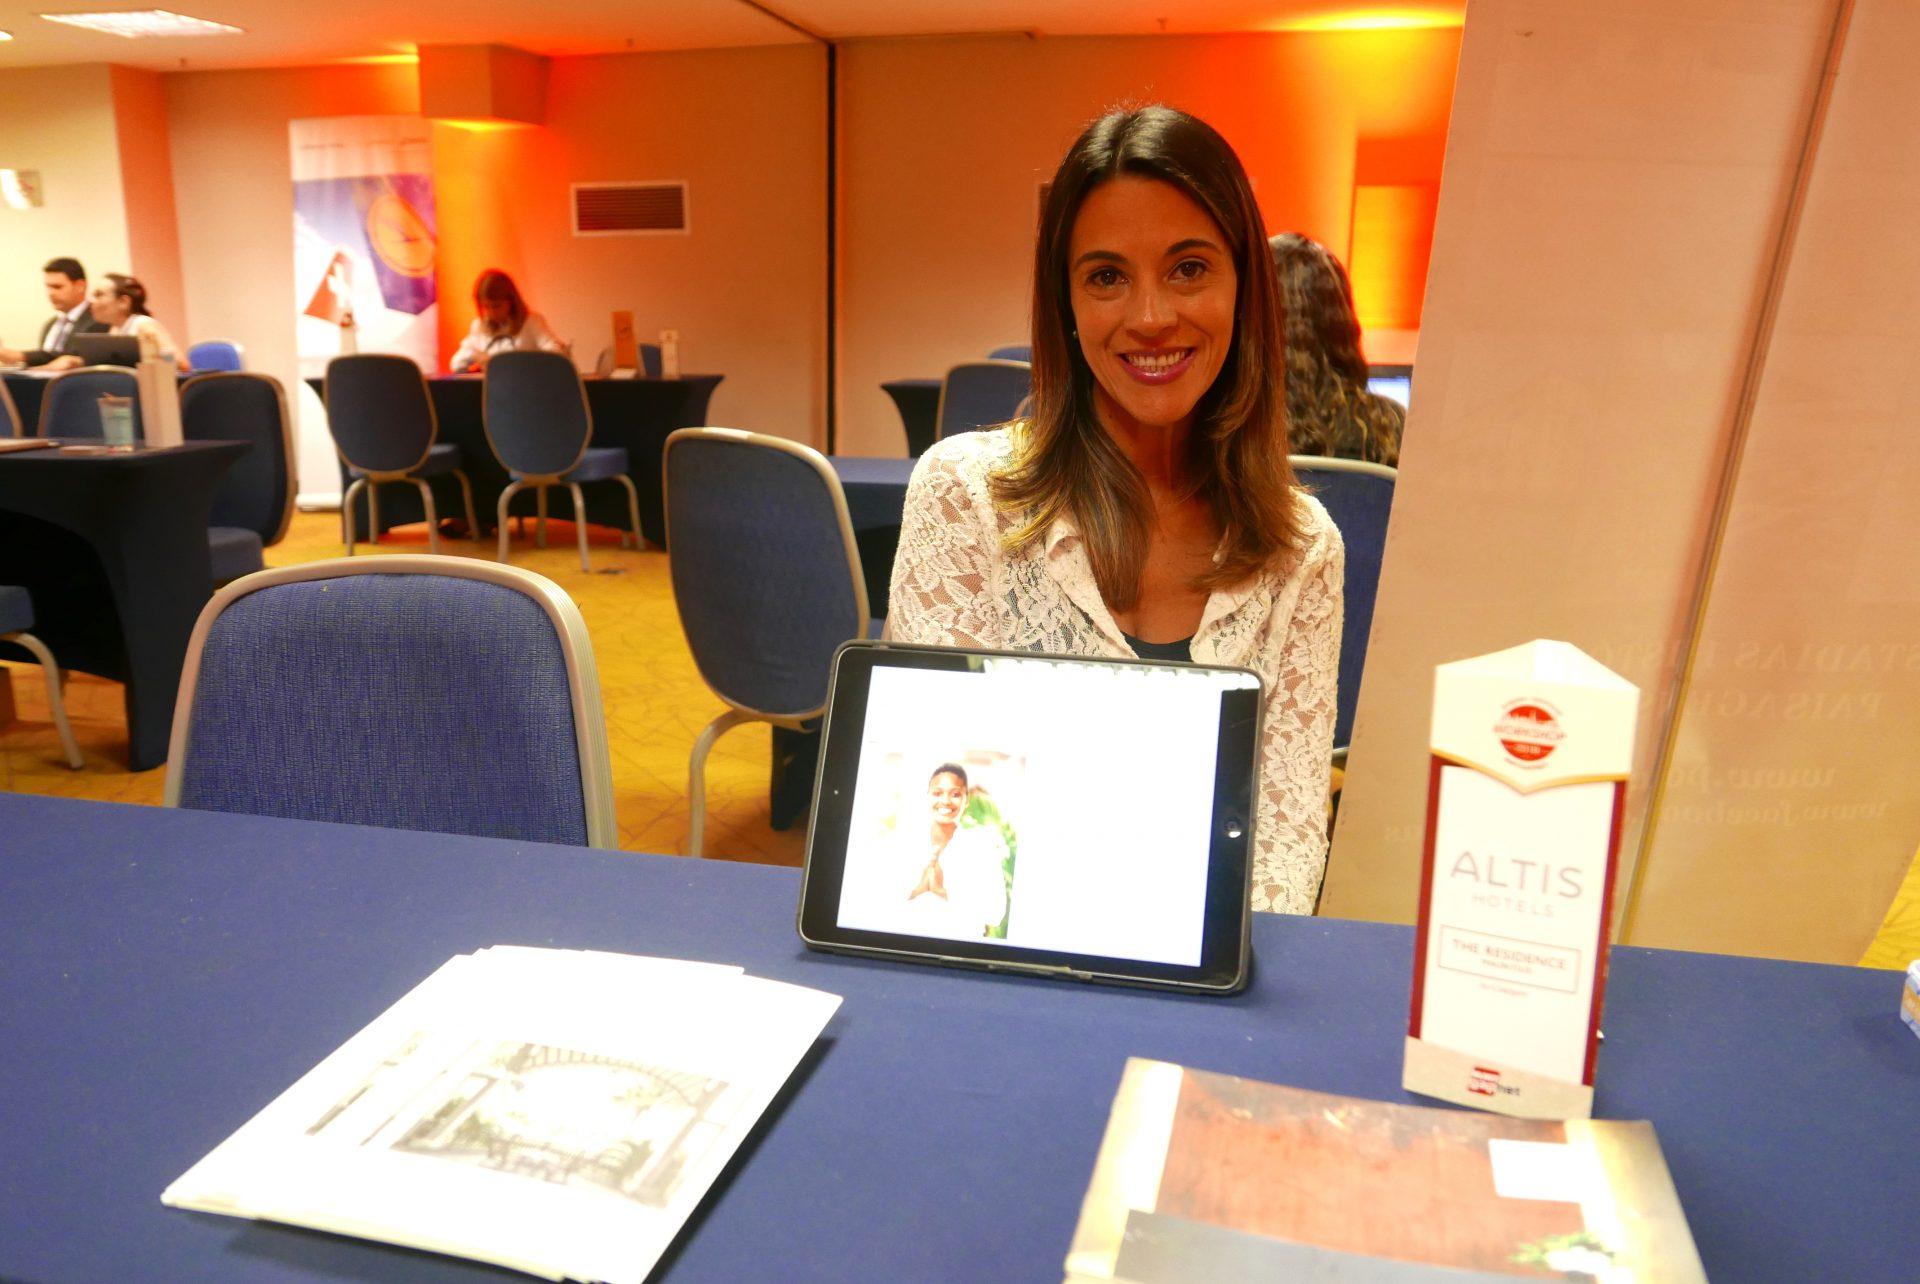 Denise Ribeiro, da XMart, mostrou o portfolio dos hotéis Altis